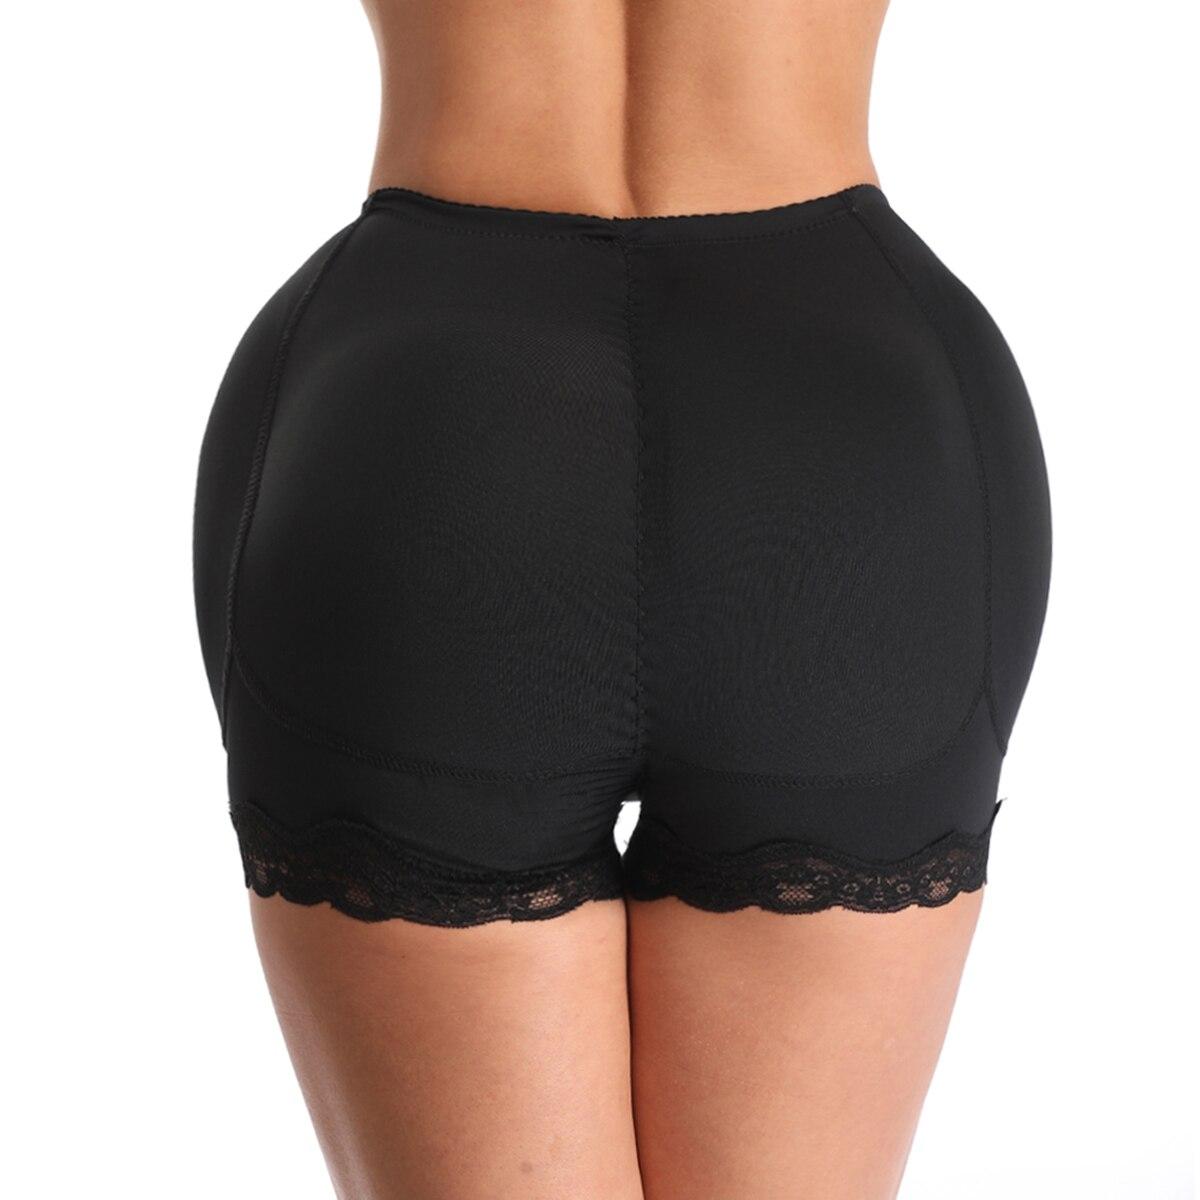 Image 5 - ZYSK Women Tummy Control Panties Fake Hip Padded Butt Lifter Panty Ass Underwear Shapewear Slimming Body Shaper Plus Size 6XL-in Control Panties from Underwear & Sleepwears